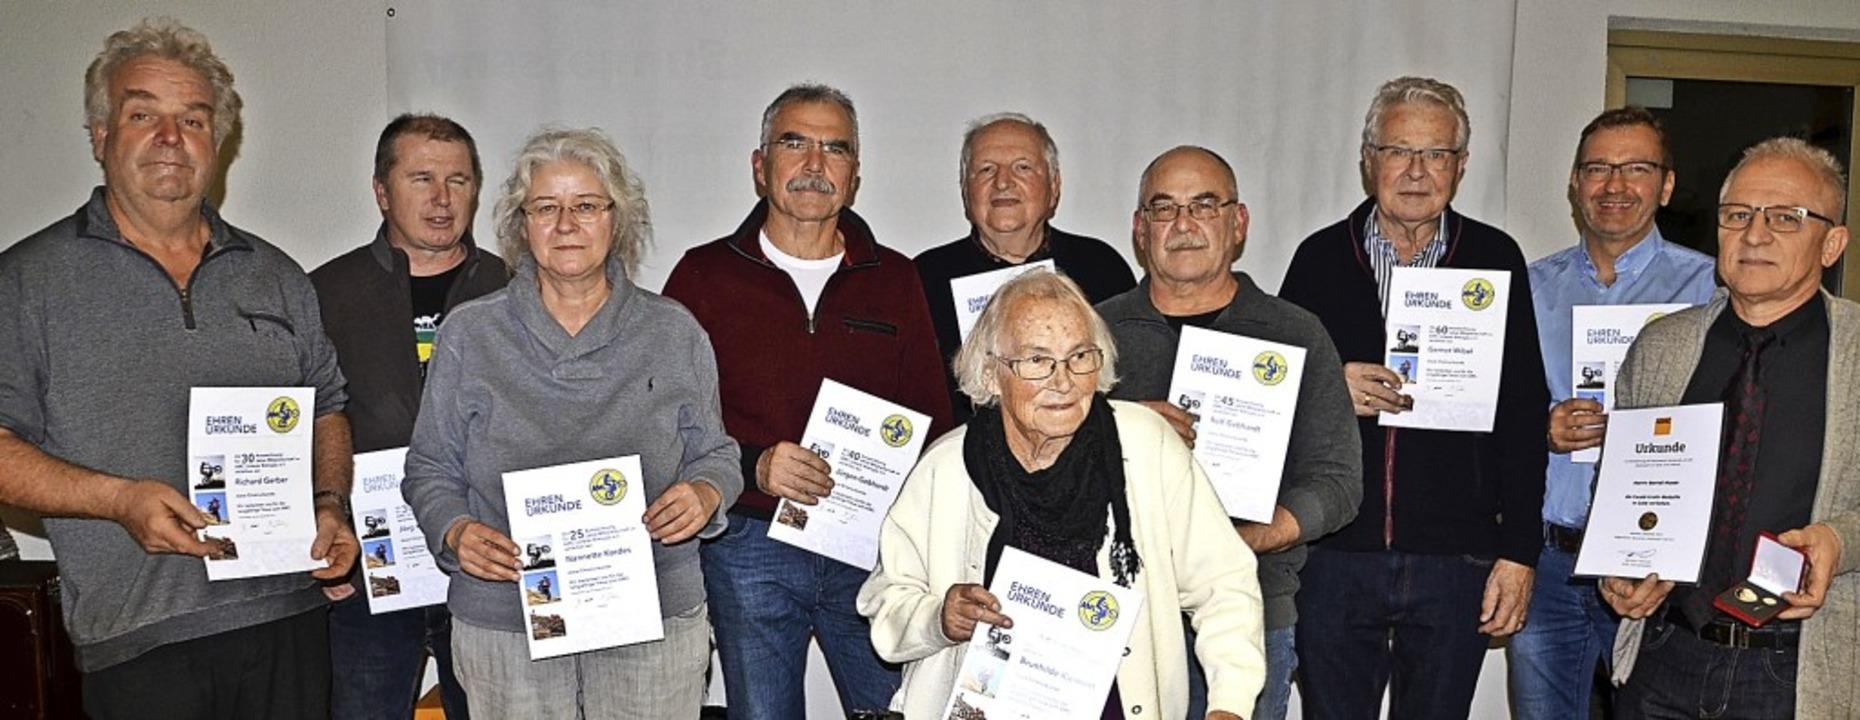 Langjährige Mitglieder ehrte der AMC U...annt und auch vom ADAC geehrt wurde.      Foto: Roland Vitt